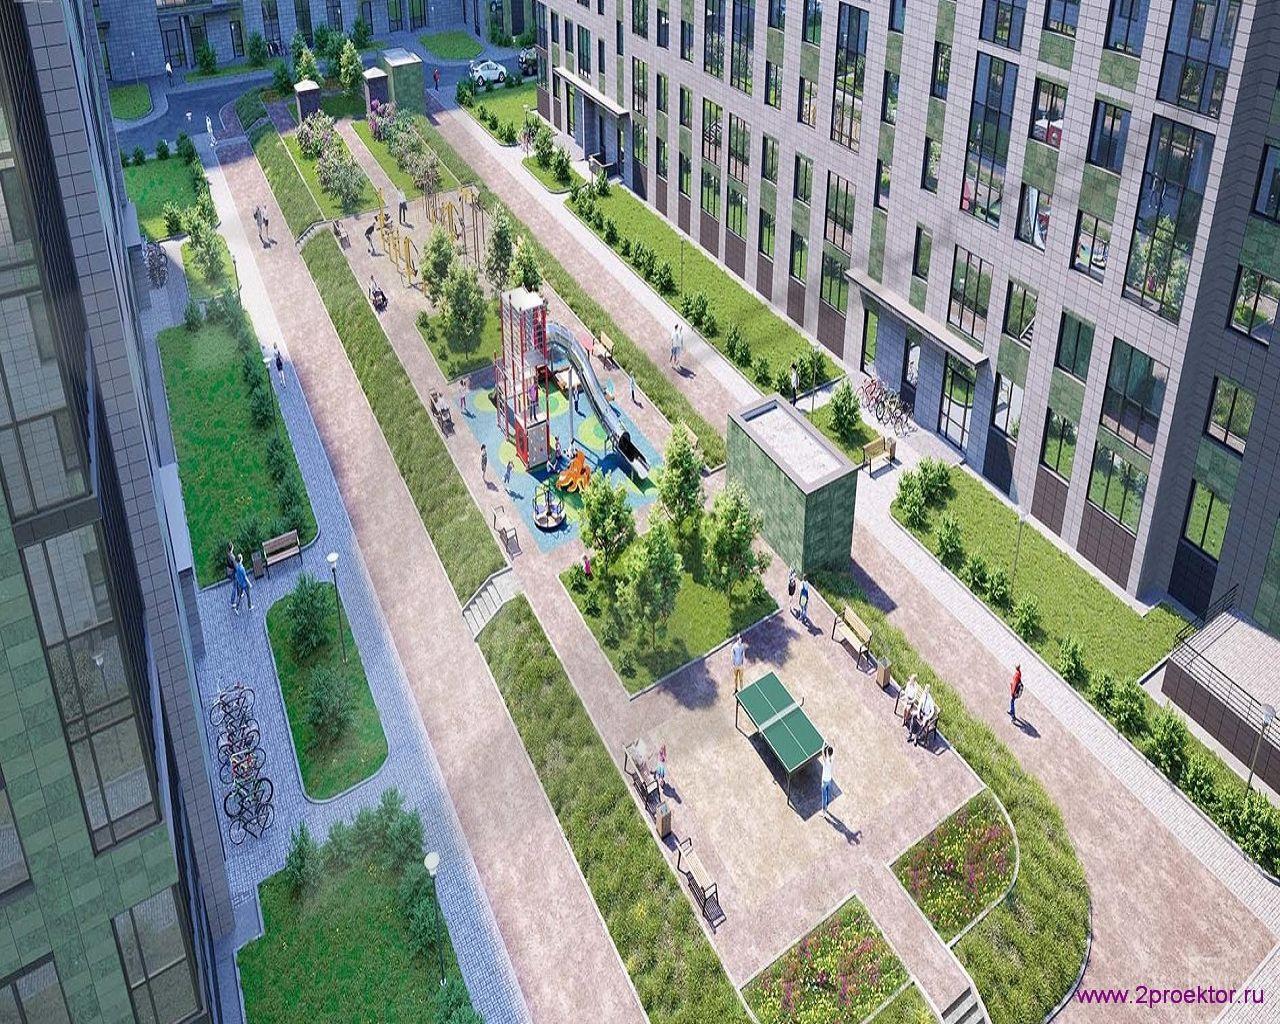 Детская площадка жилого комплекса Эмеральд.